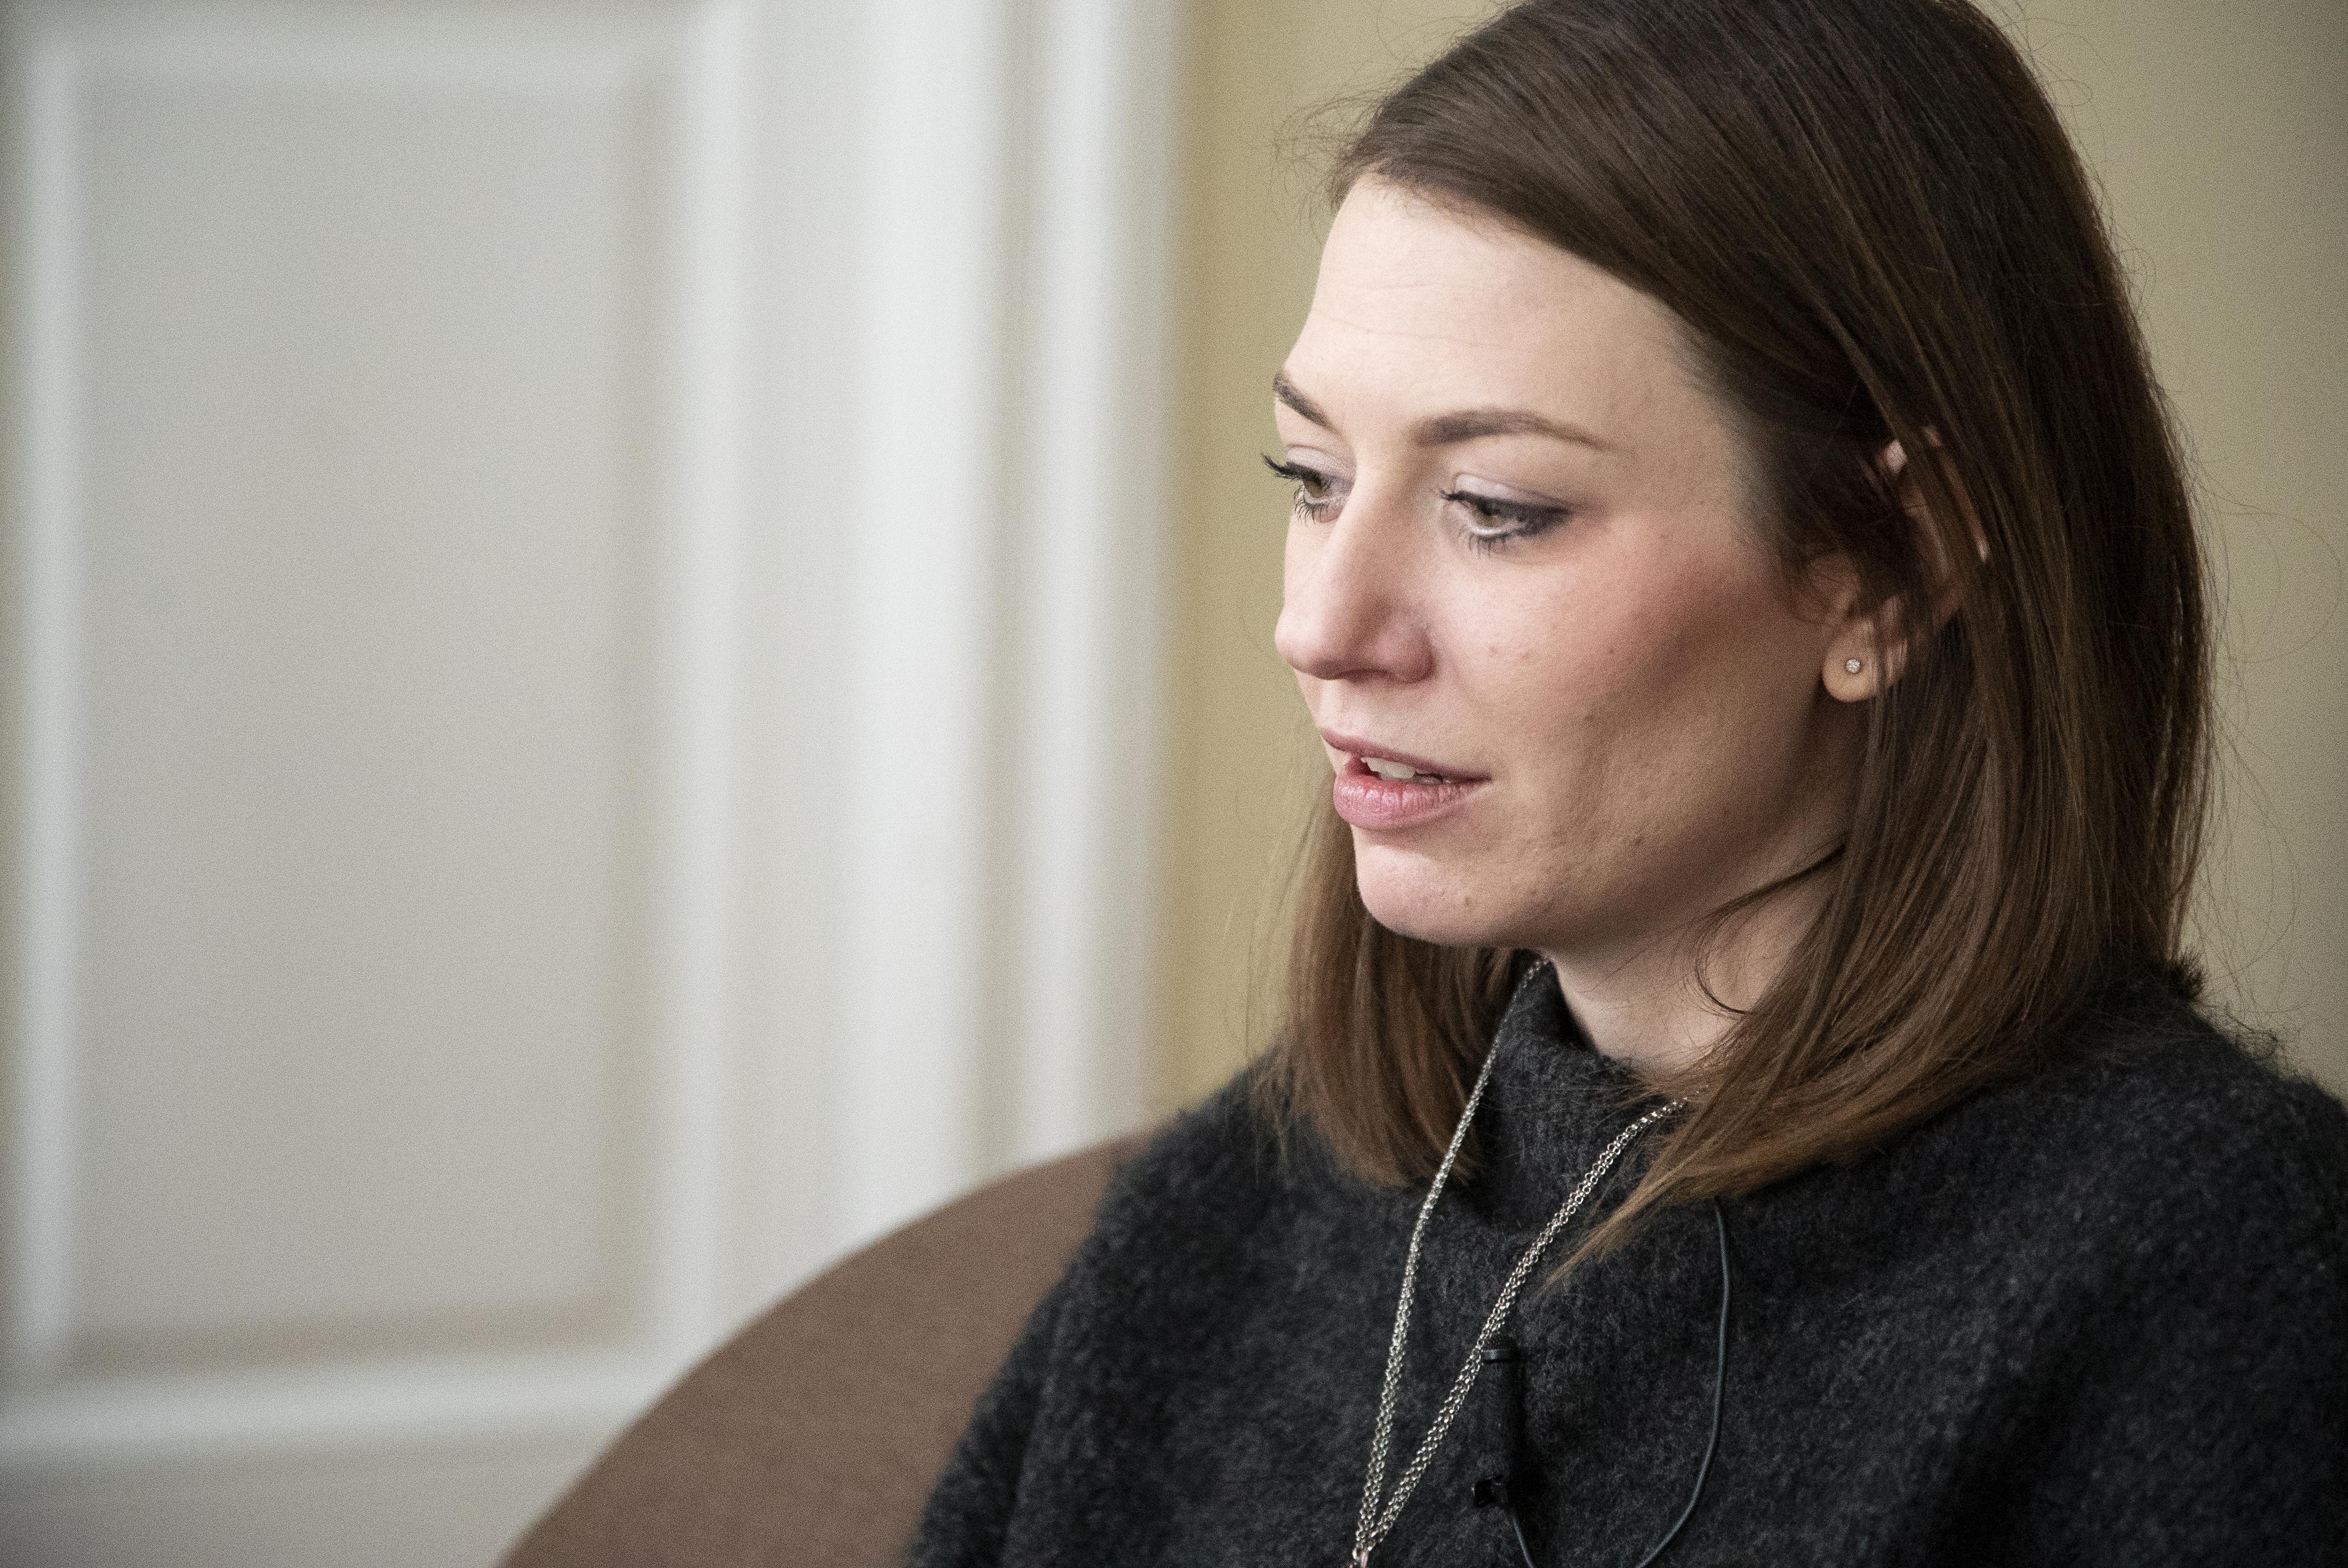 Donáth Anna beperli a fideszes médiát, miután azt írták, hogy szexuálisan zaklatott egy fiatal lányt